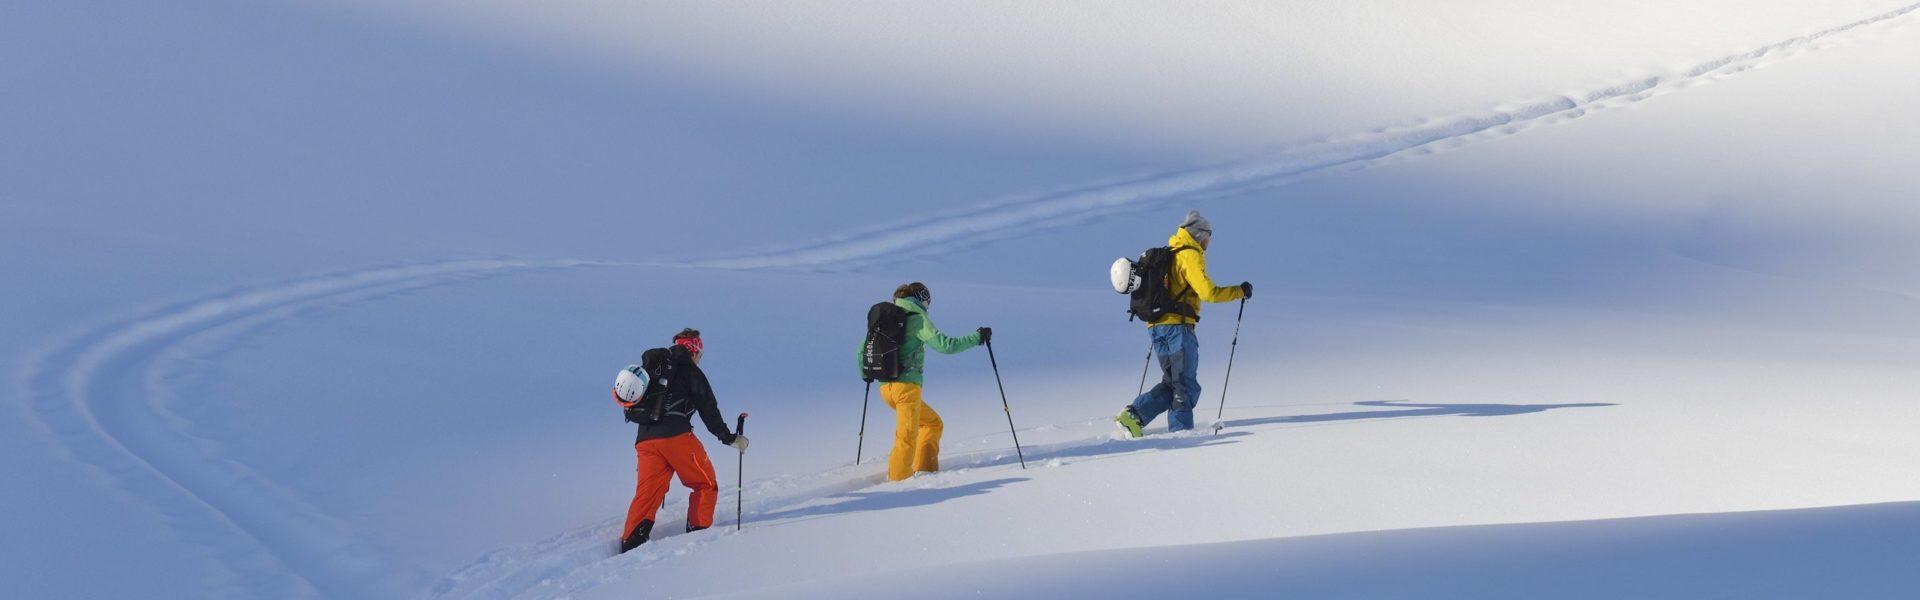 Skitouren Gargellen, Bergführer (c) Josef Mallaun / Vorarlberg Tourismus